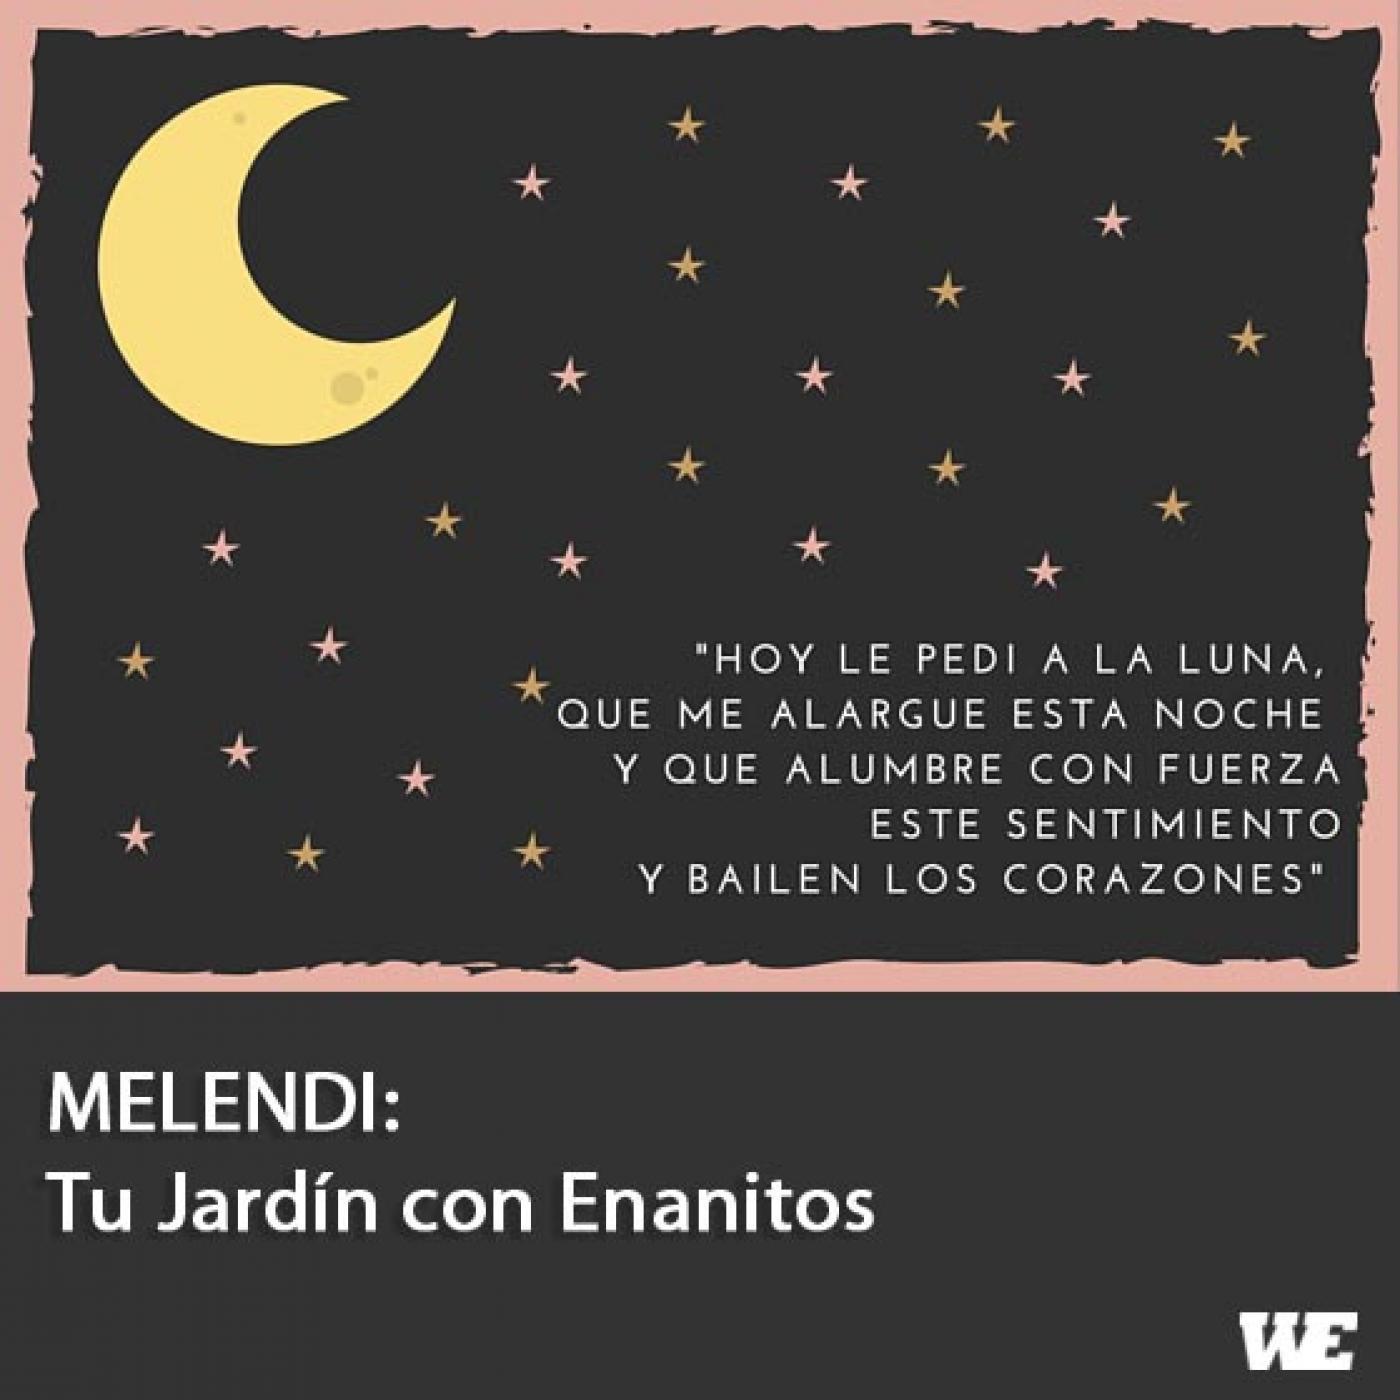 Melendi tu jard n con enanitos en canal comunidad en mp3 for Melendi mi jardin con enanitos